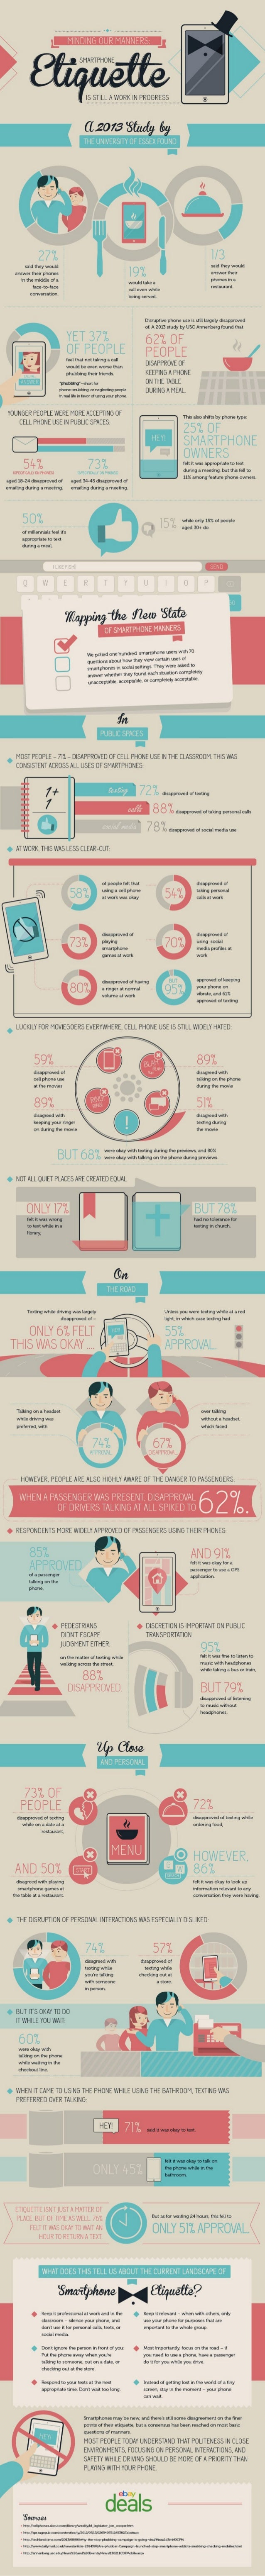 Smartphone etiqutte